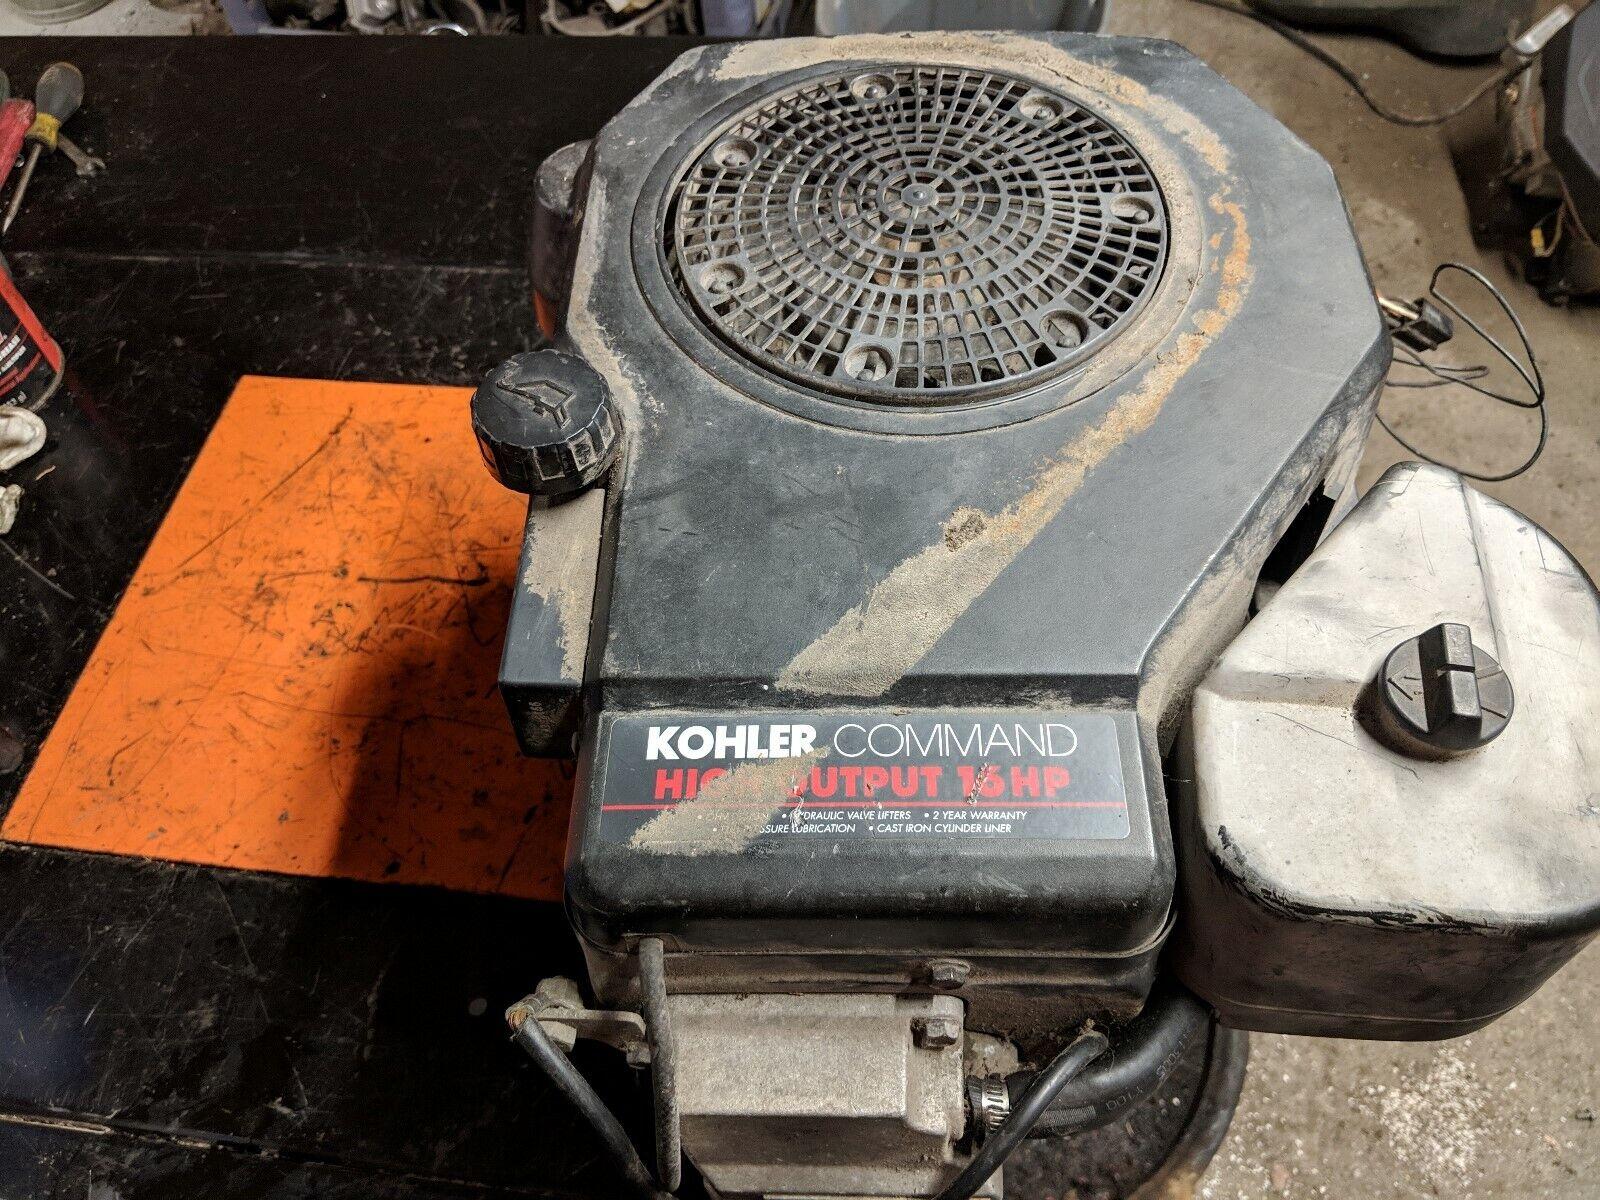 16 HP OHV kohler Command Pro CV16-43510 hydraulic valve lifters #25